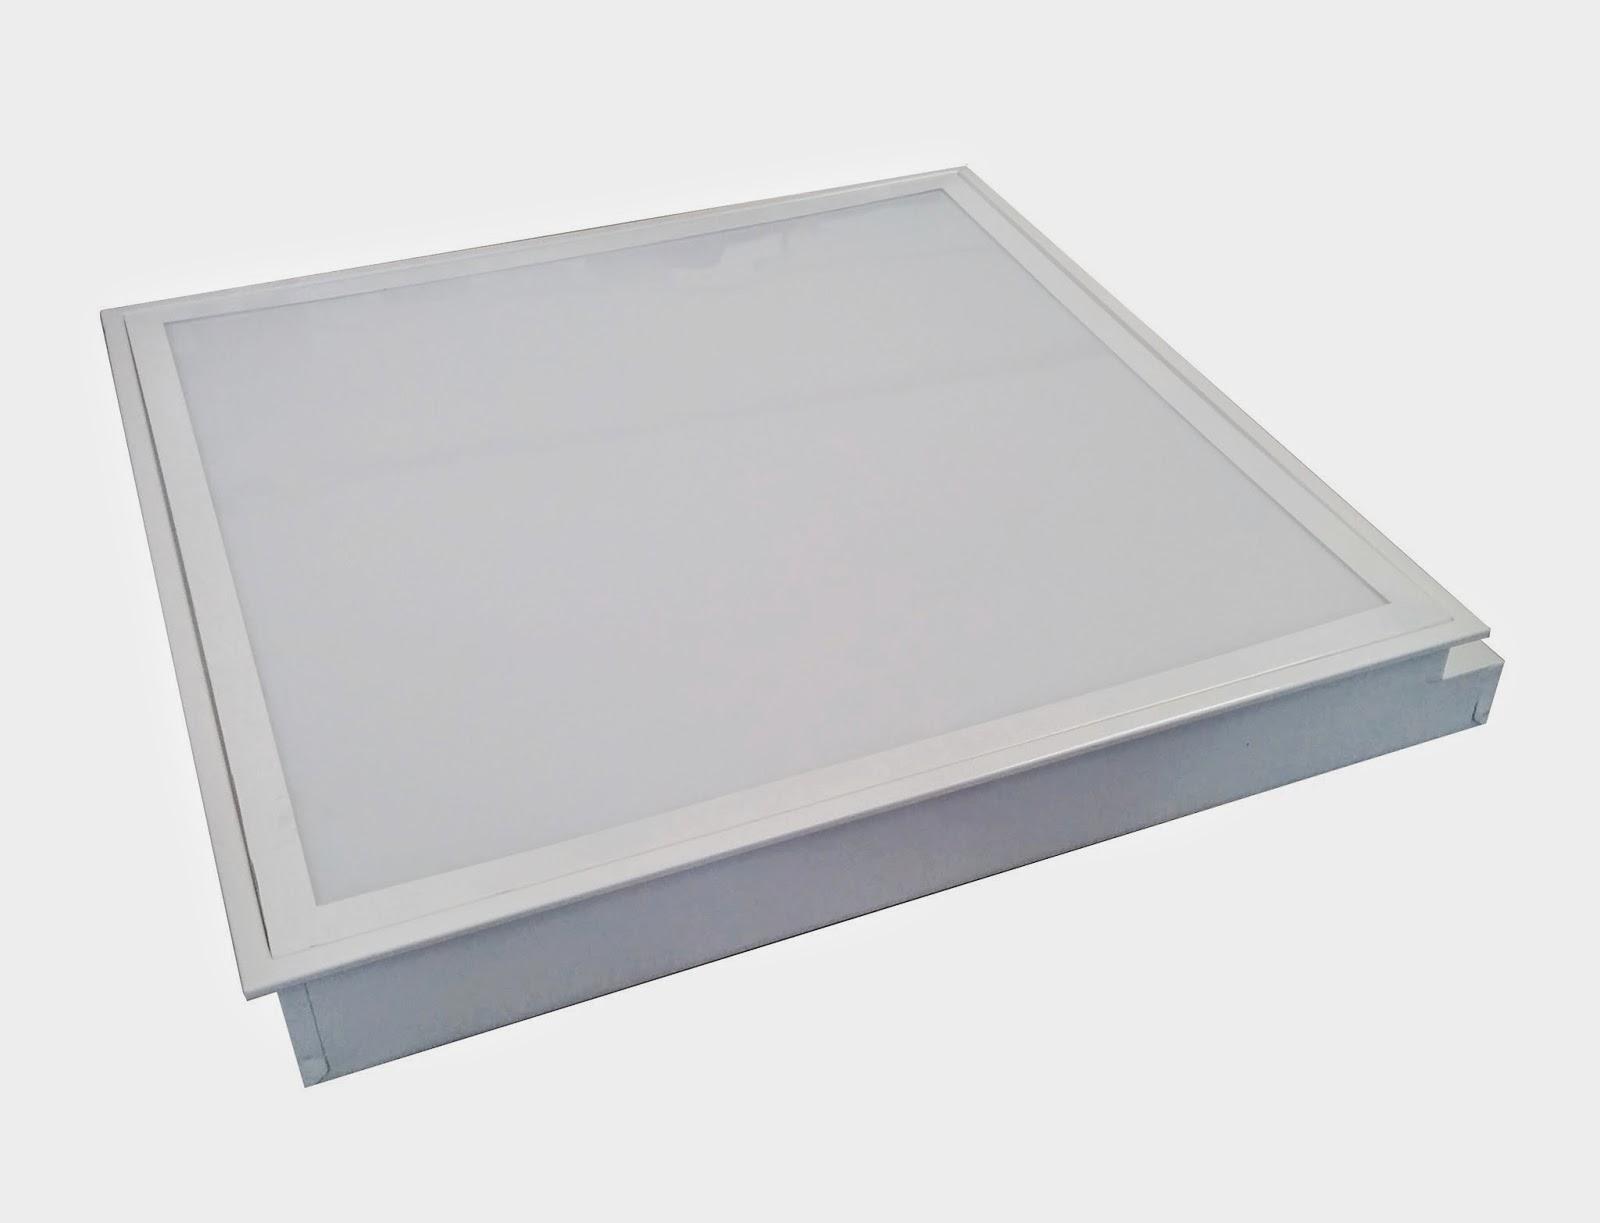 Plafoniere Per Ufficio A Led : Illuminazione led plafoniera da incasso con ottica opalina per